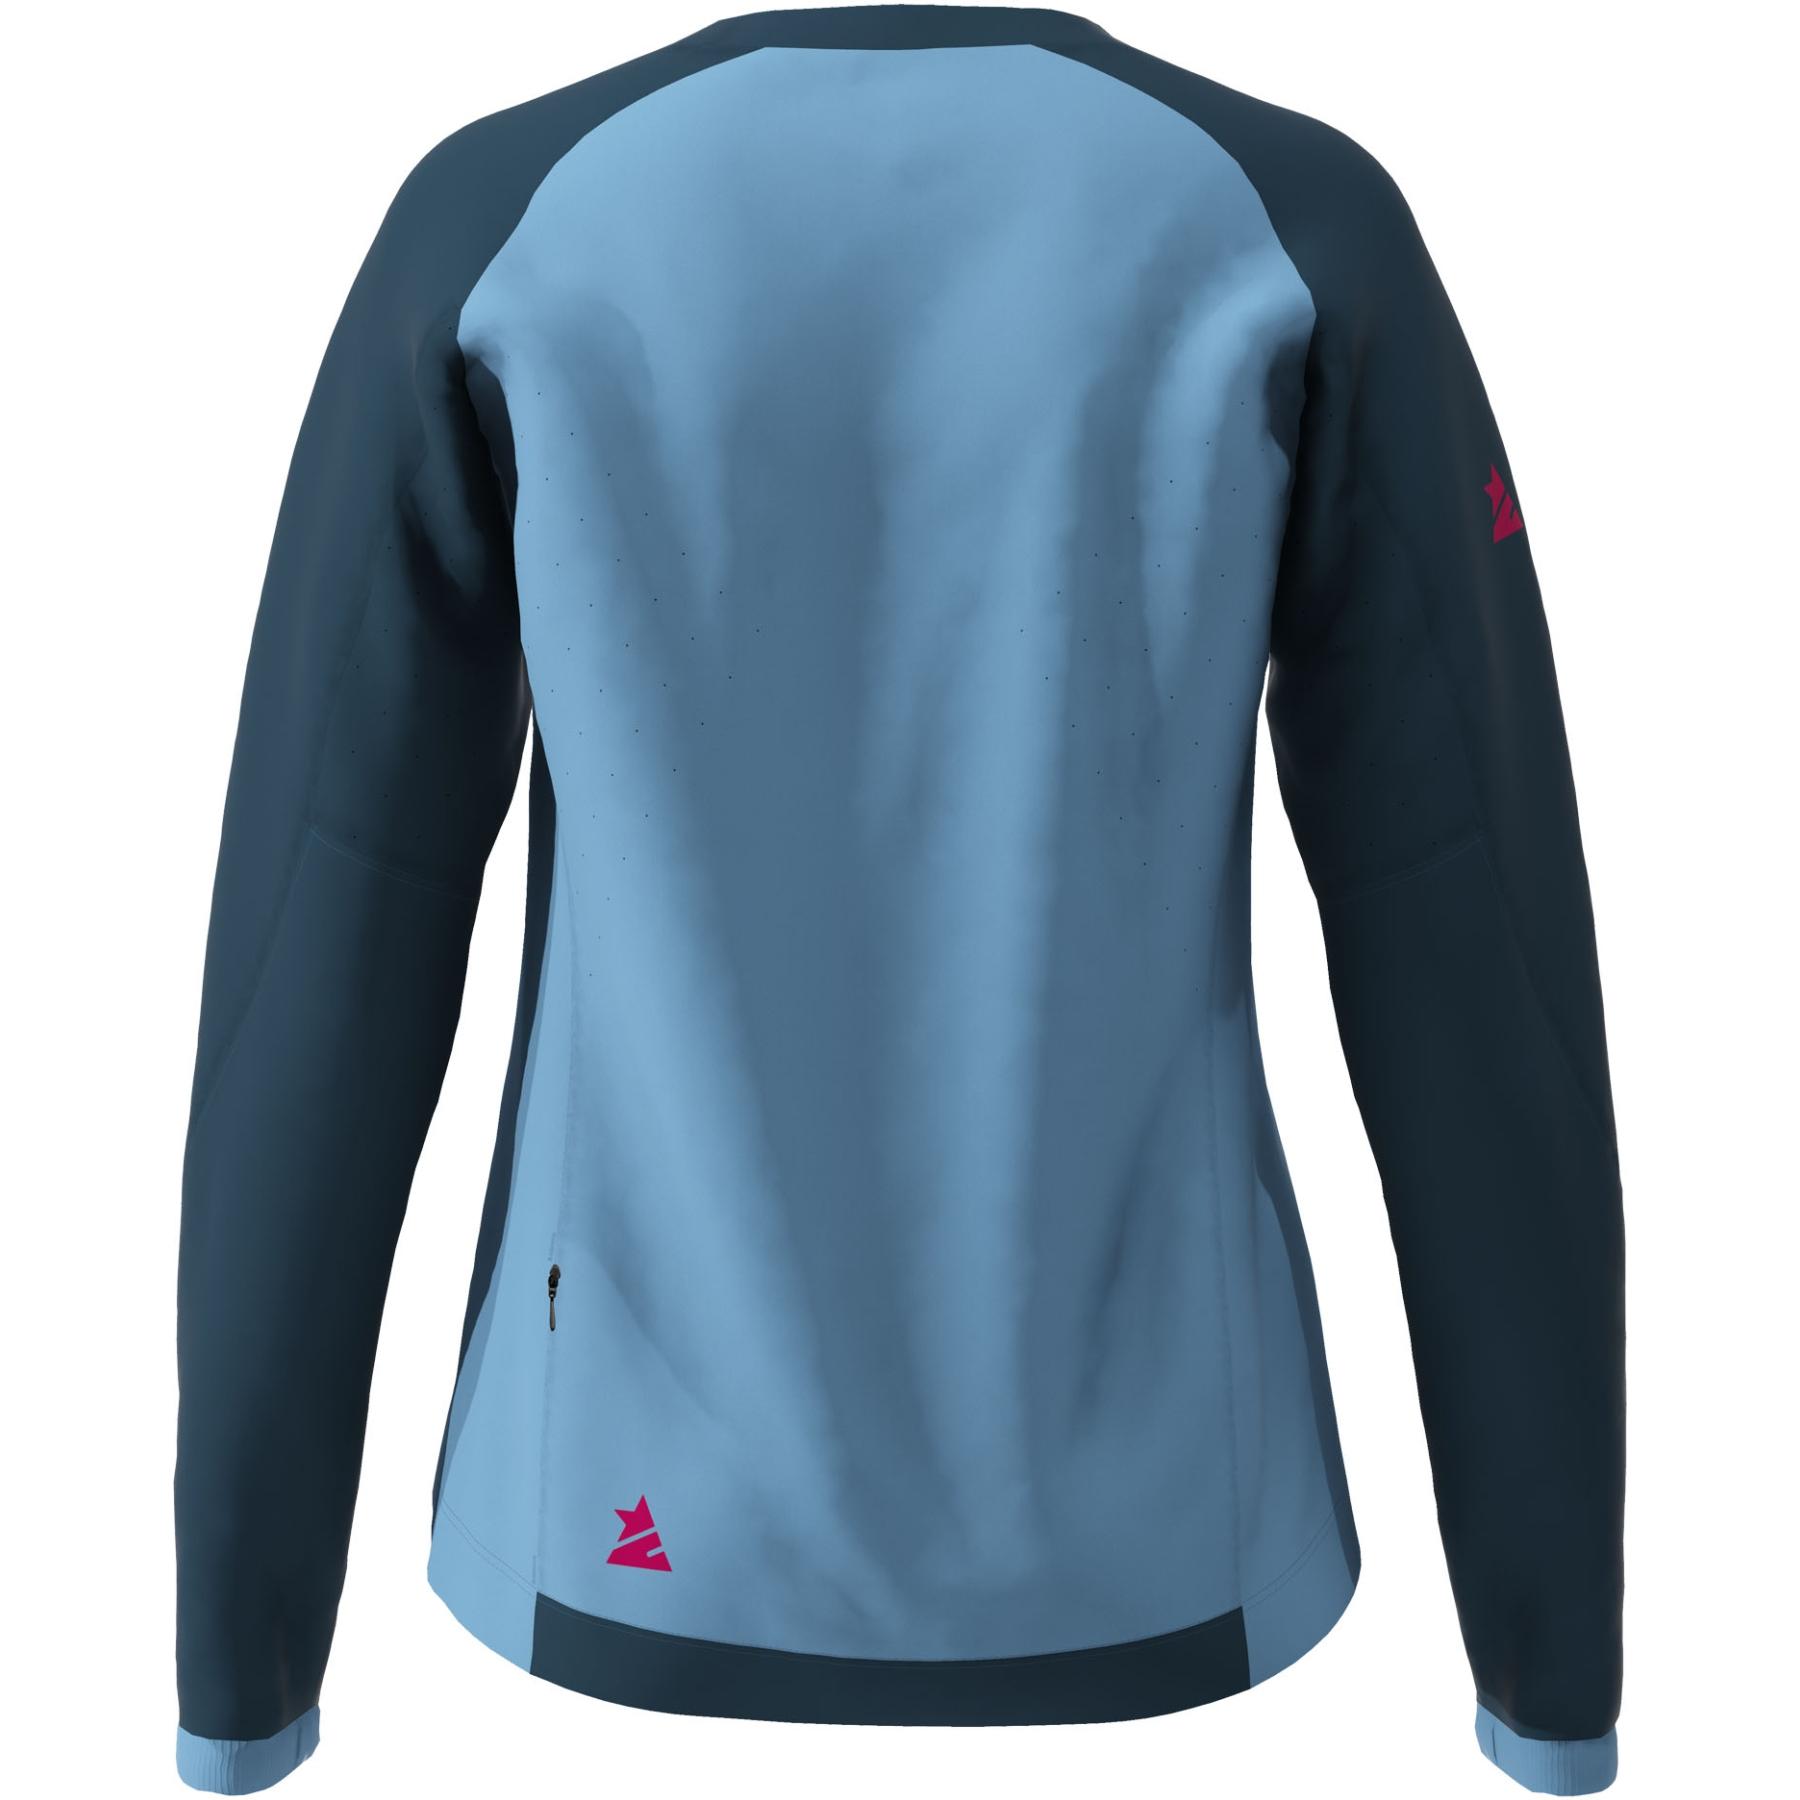 Bild von Zimtstern PureFlowz Langarm-Shirt Damen - heritage blue/french navy